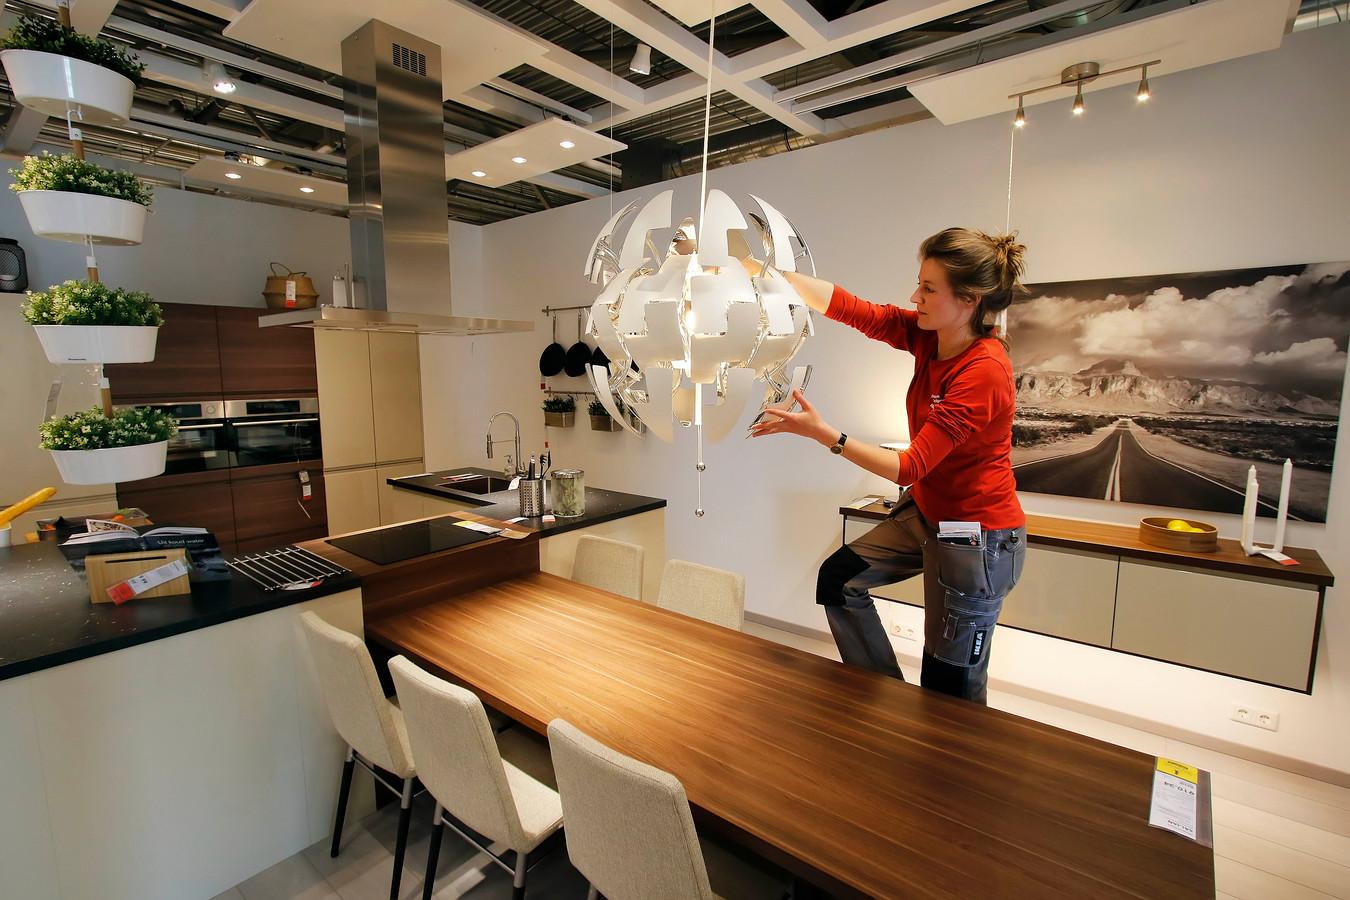 Verbouwing Ikea Breda nadert einde, groot aantal keukens al te ...